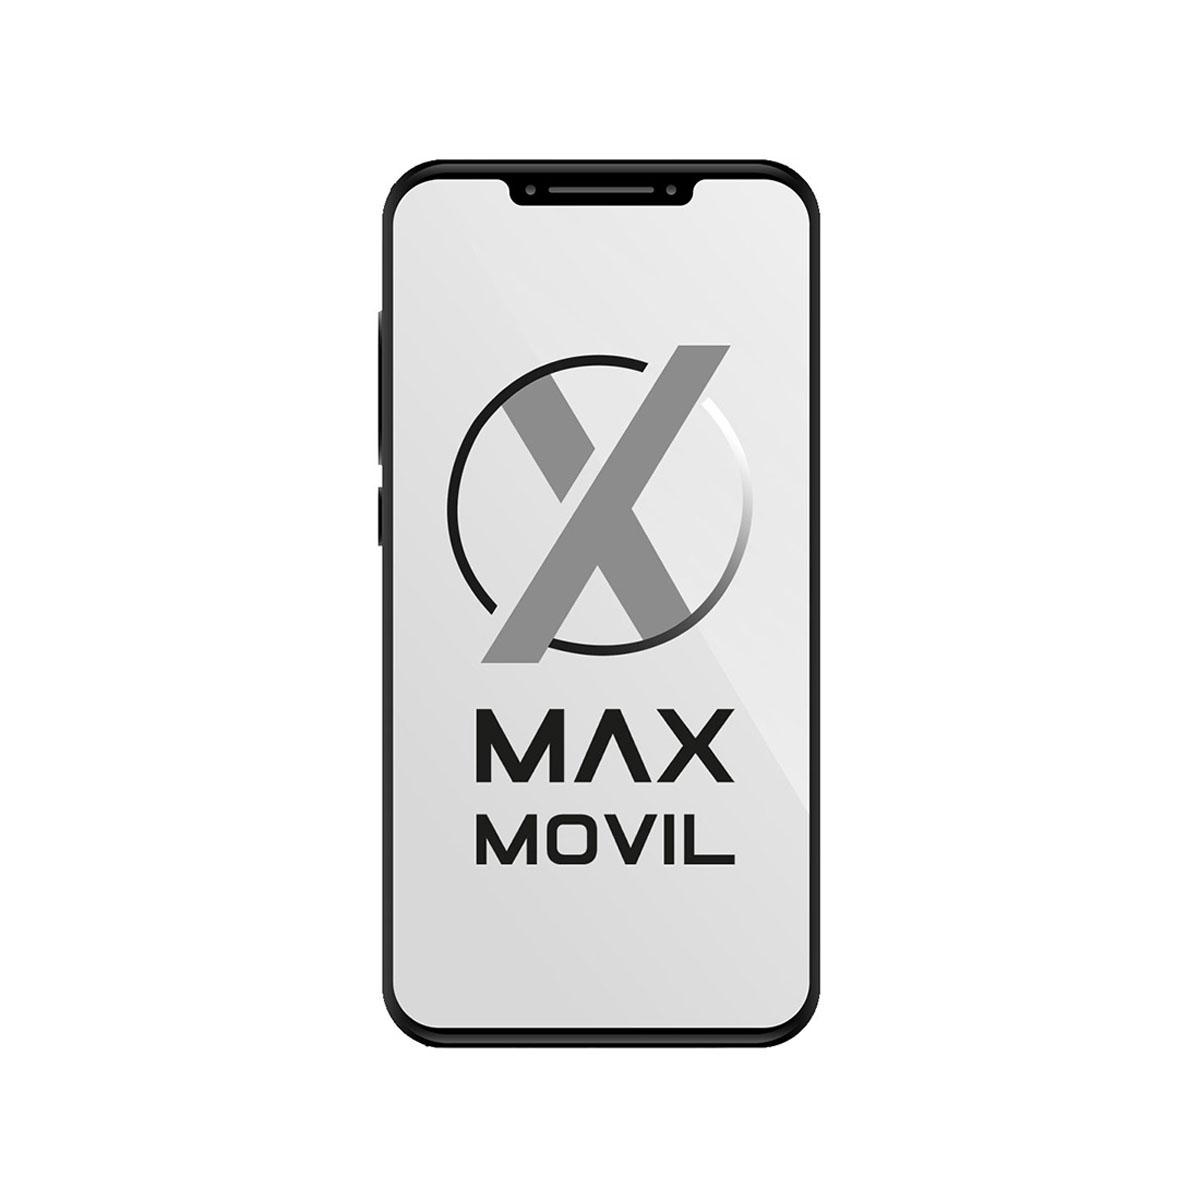 Samsung Galaxy XCover 5 4GB/64GB Negro (Black) Dual SIM G525